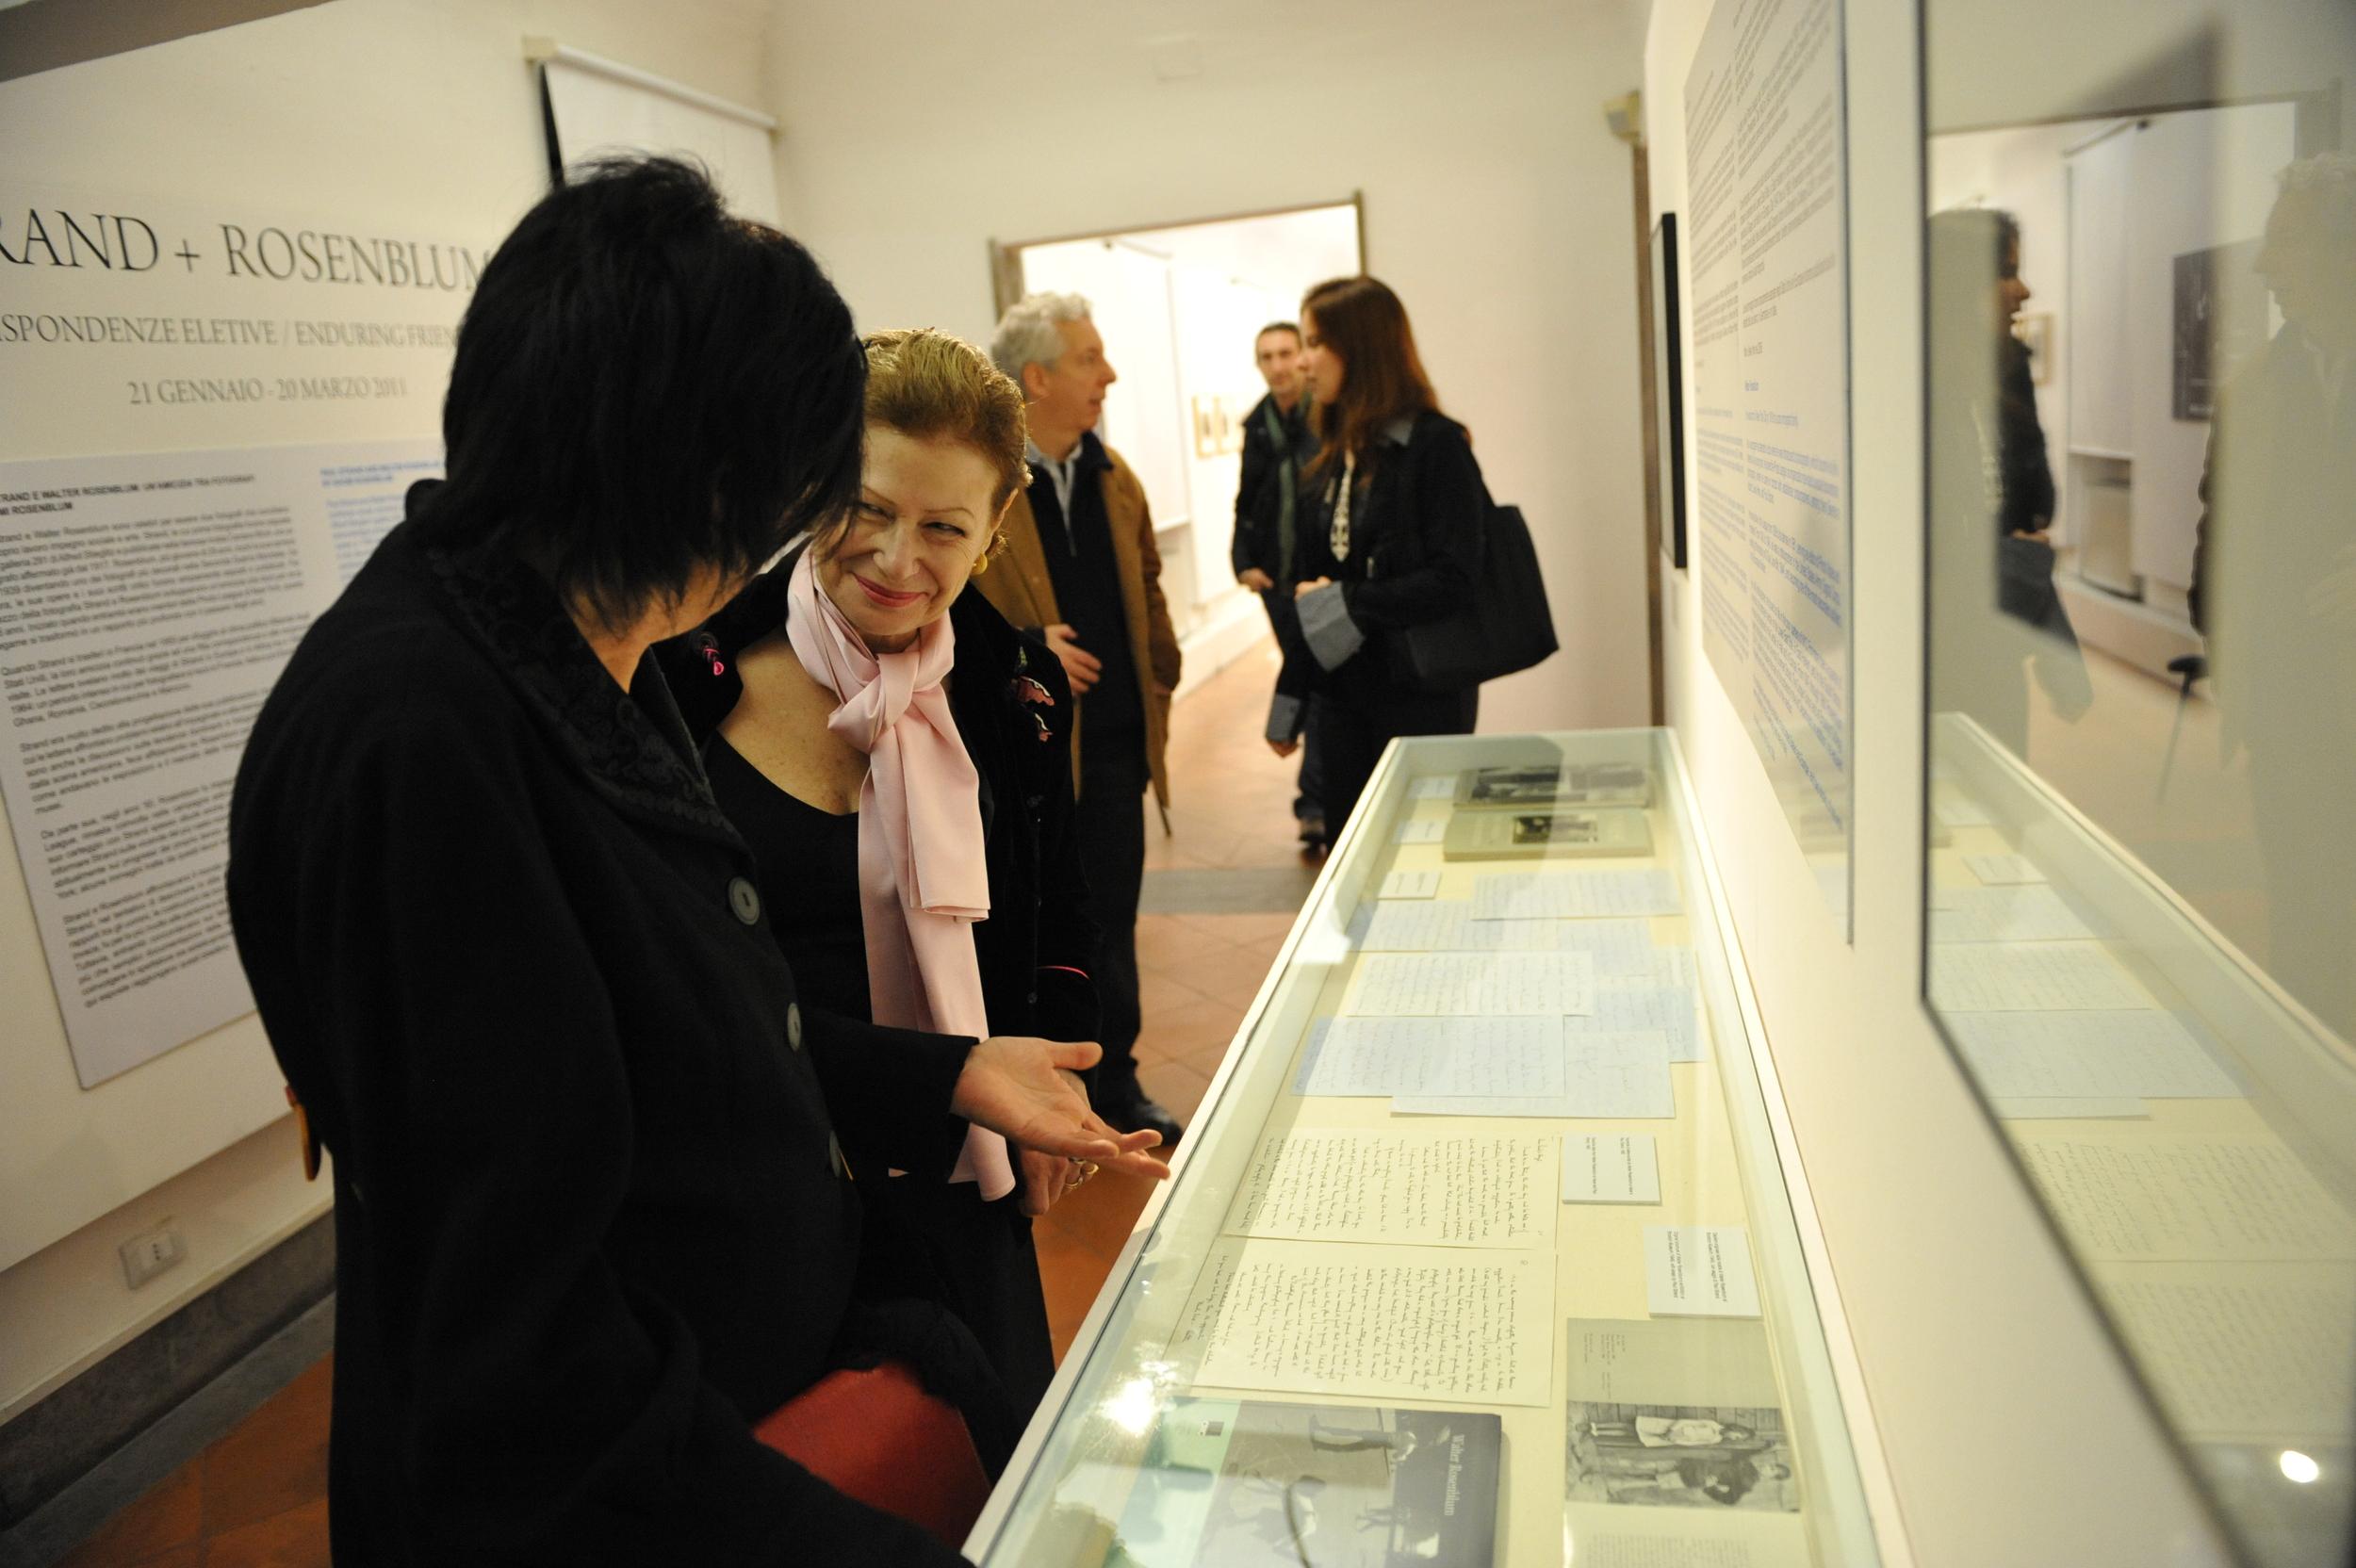 Manuela Fugenzi and Nina Rosenblum looking at sidebar